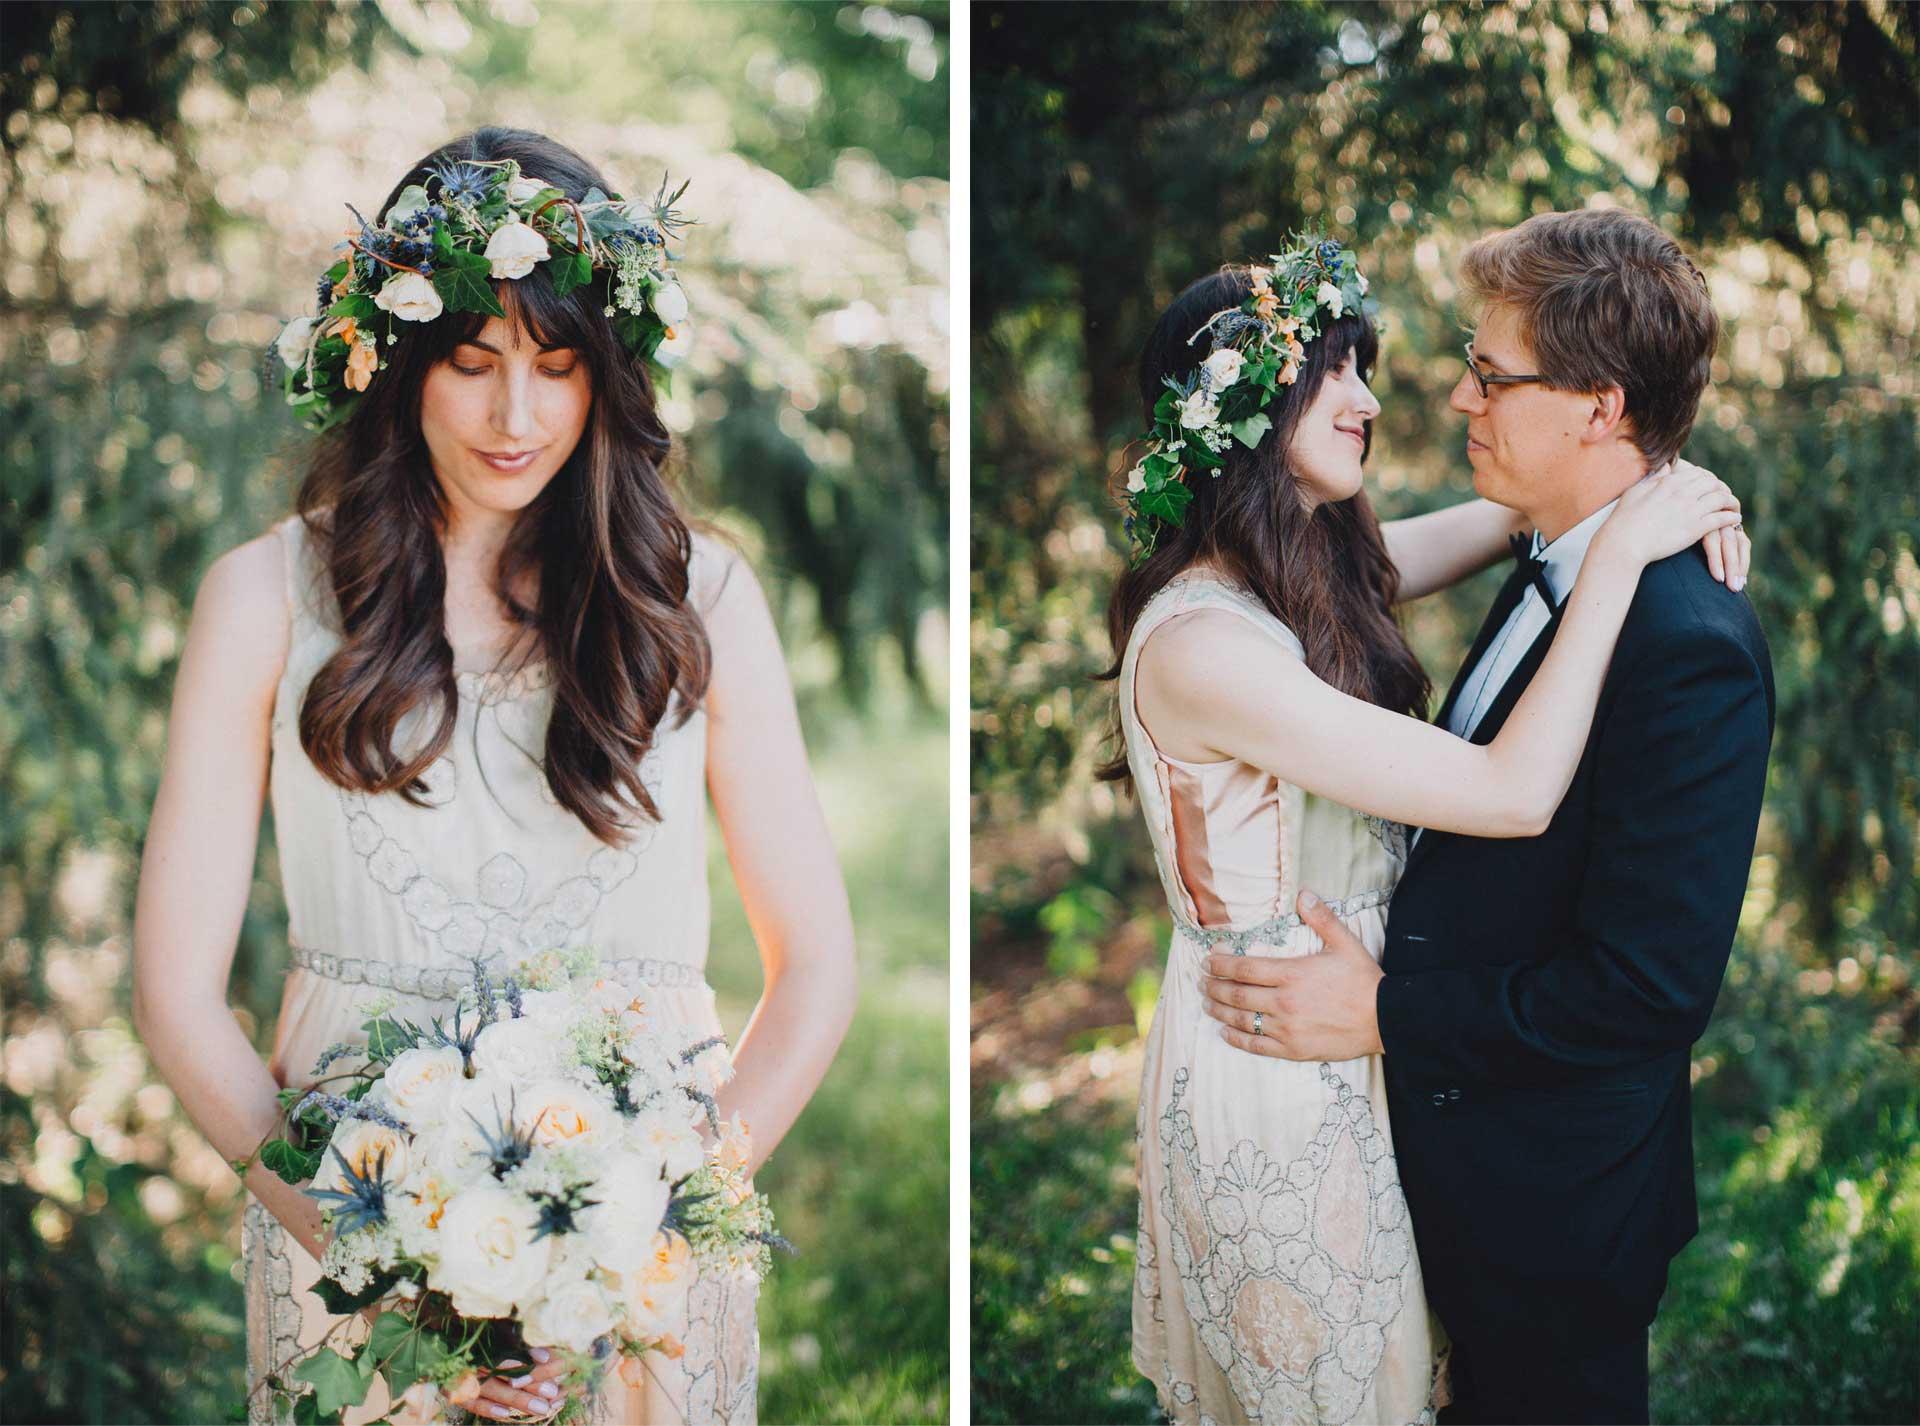 Megan-Paul-Ohio-English-Garden-Wedding-096@2x.jpg